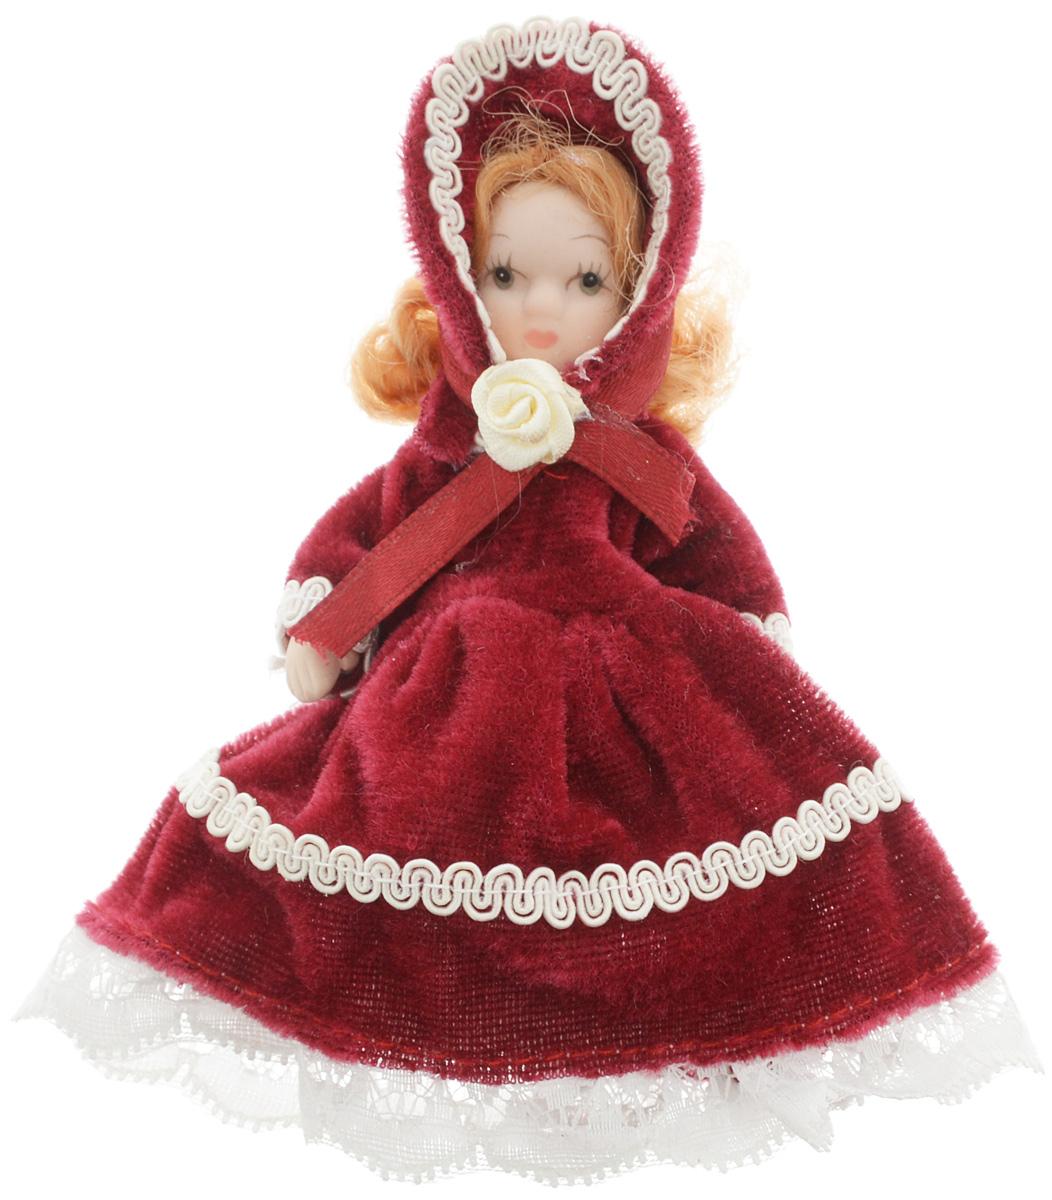 Фигурка декоративная Lovemark Кукла, цвет: бордовый, белый, высота 10 см. 24719C0038550Фигурка декоративная Lovemark Кукла изготовлена из керамики в виде куклы с кудрявыми золотистыми волосами, большими глазами и ресницами. Куколка одета в длинное бархатное платье, декорированное белой тесьмой и бантиком в виде розы, и коктейльную шапочку. Вы можете поставить фигурку в любое место, где она будет красиво смотреться и радовать глаз. Кроме того, она станет отличным сувениром для друзей и близких. А прикрепив к ней петельку, такую куколку можно подвесить на елку.